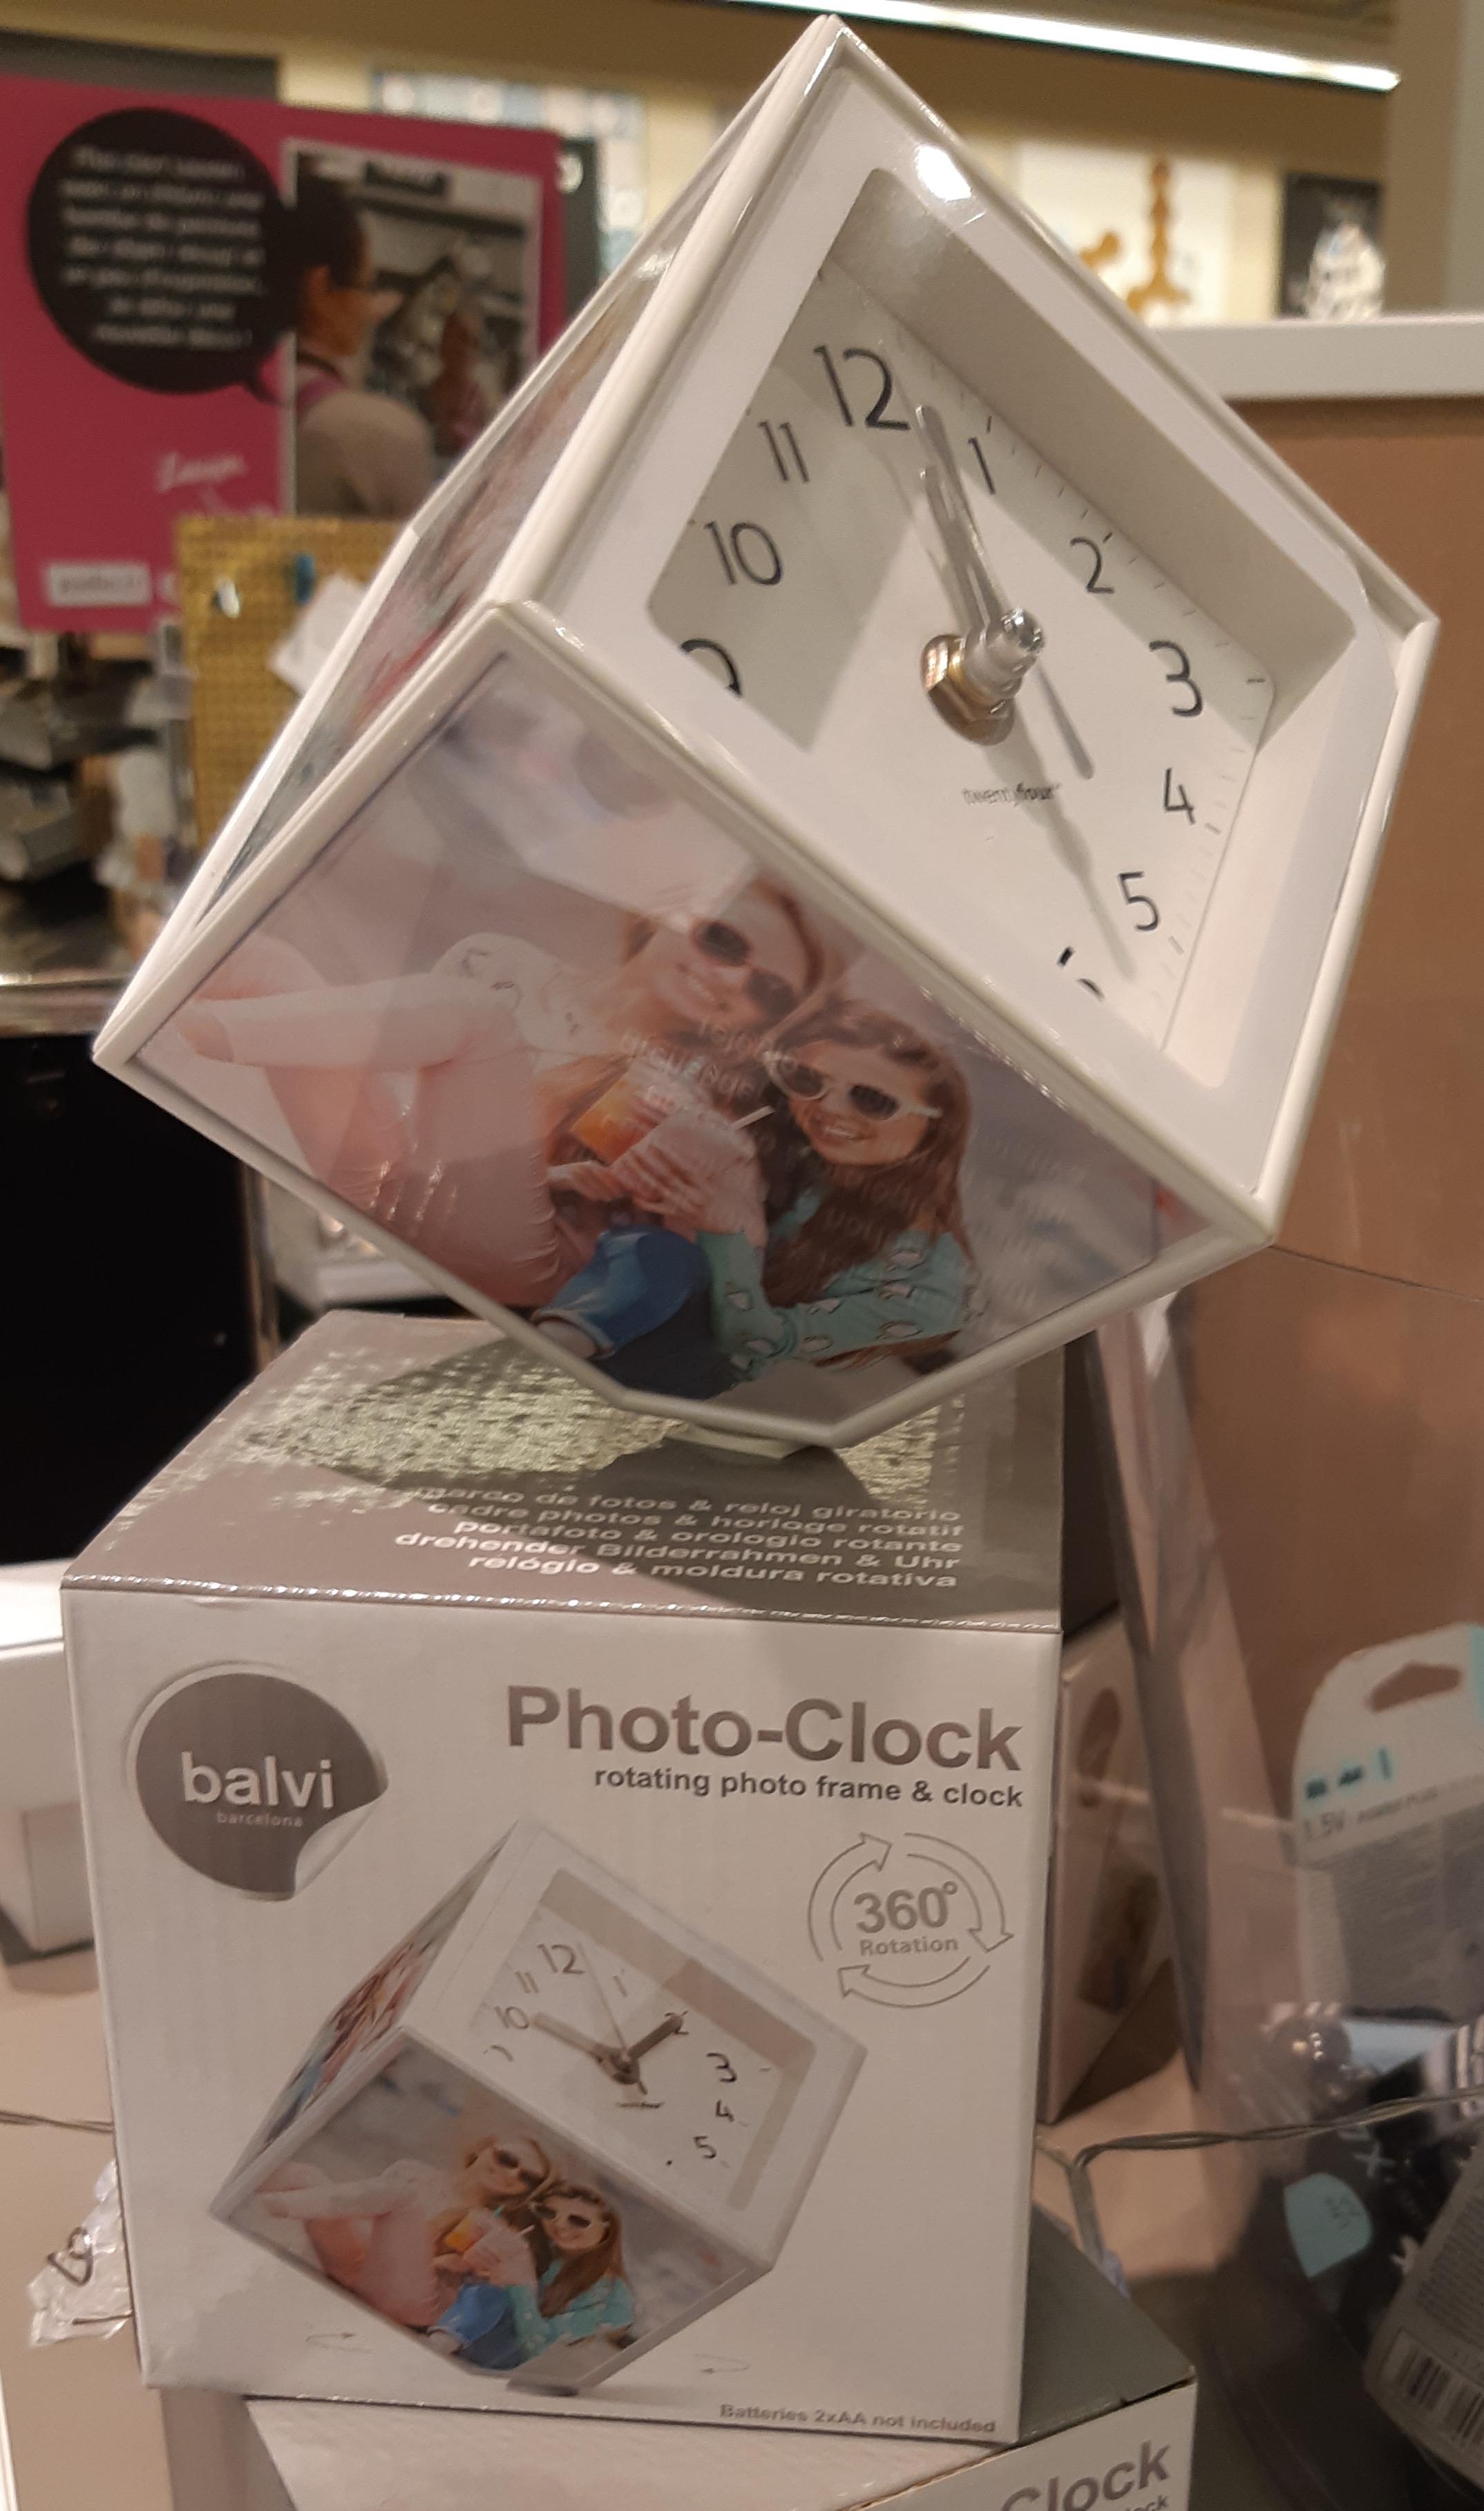 J'ai testé pour vous cadre photo clock